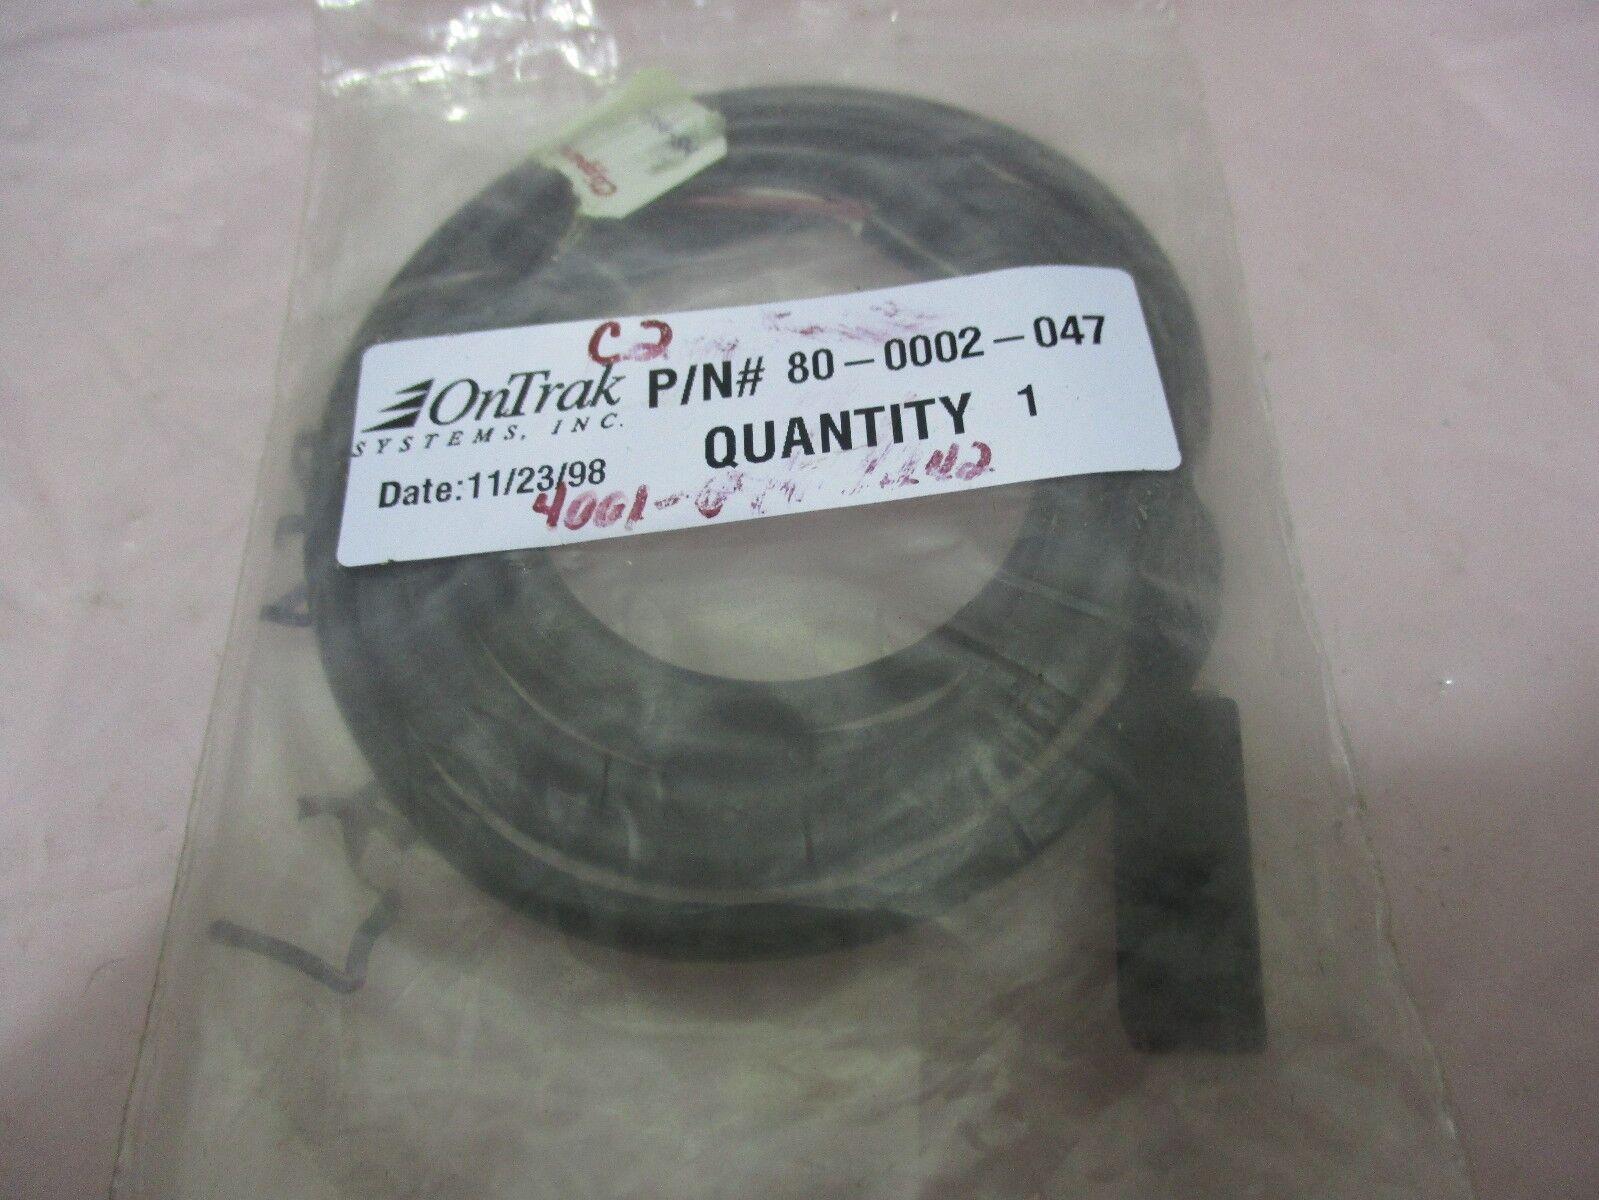 Clippard HS-9901 Hall Effect Sensor, Ontrak 80-002-047, 4001-099-0042, 420388